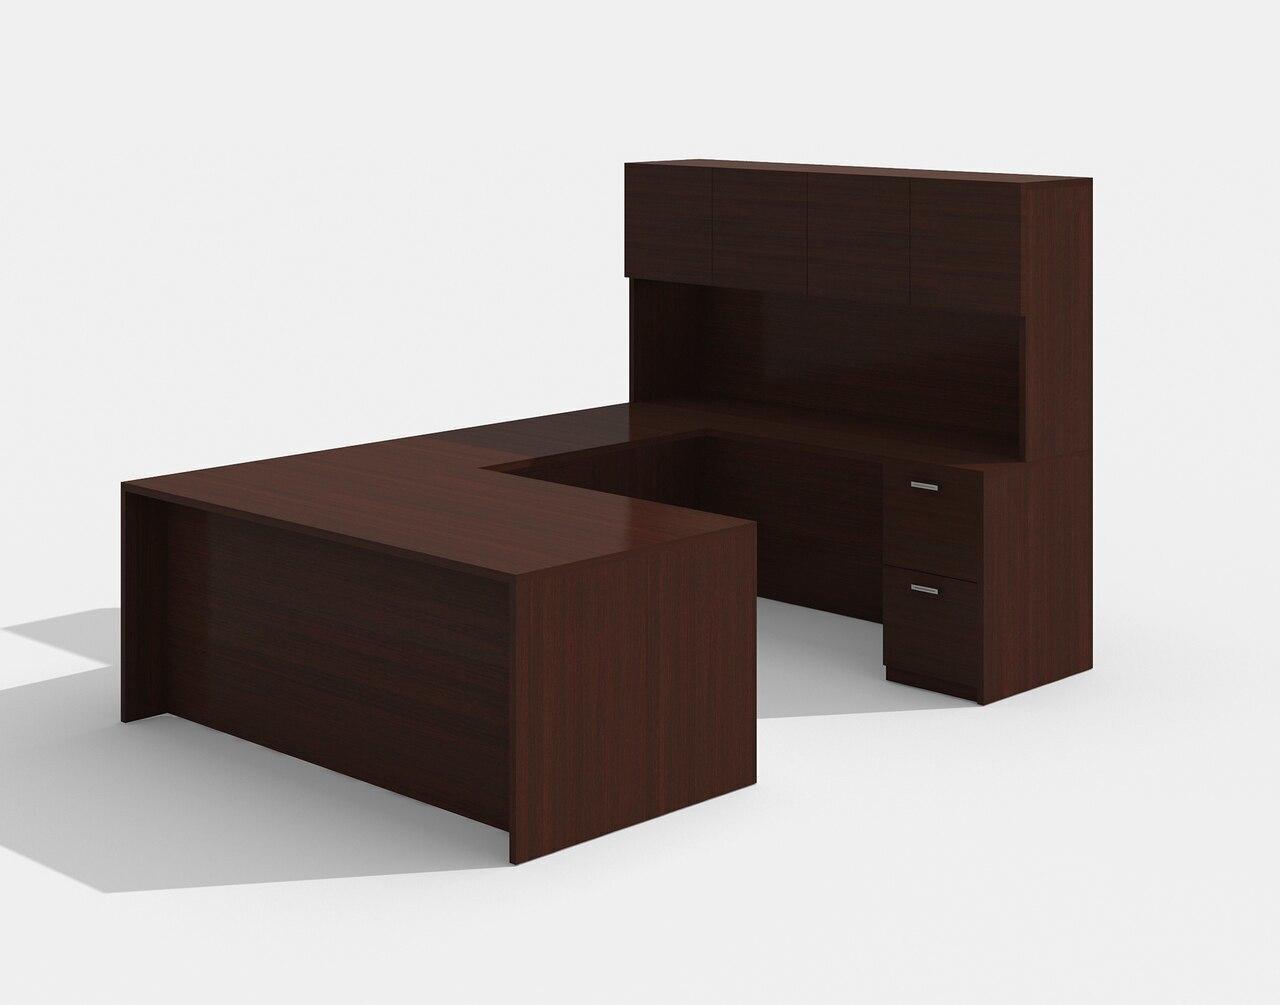 am-350n amber u desk with hutch in mahogany